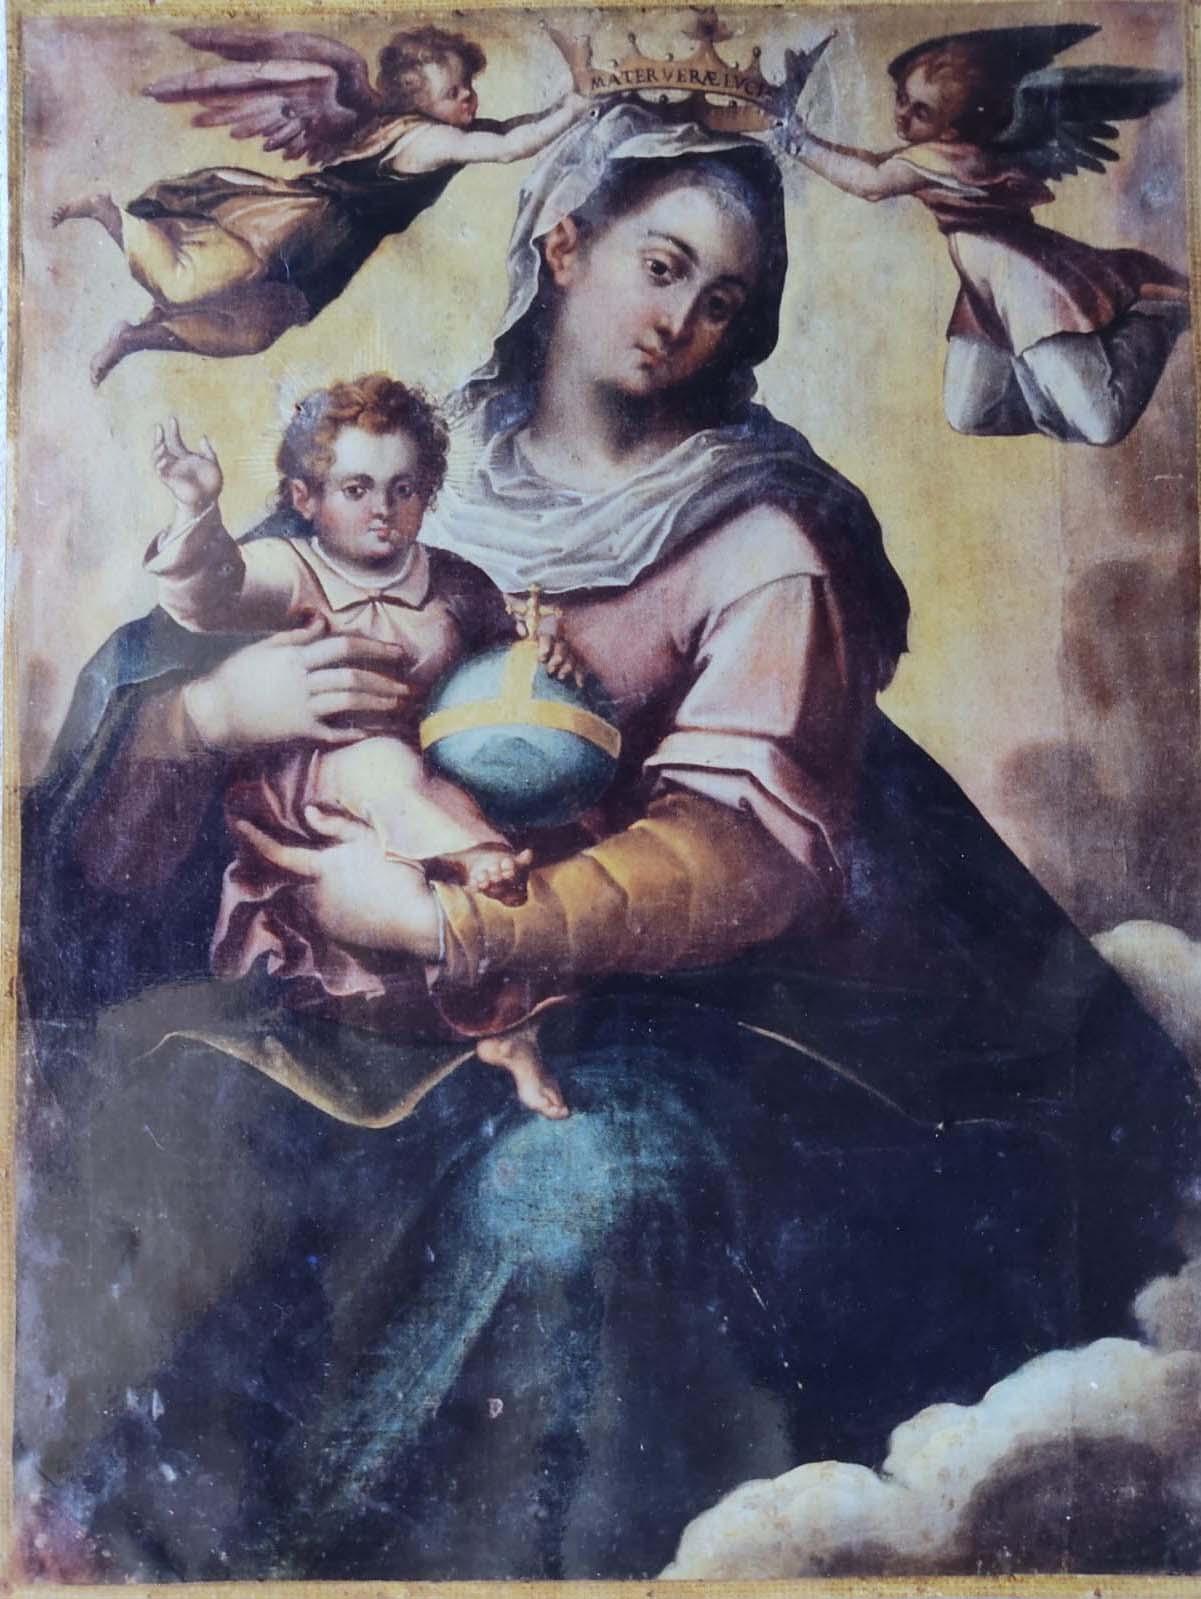 Tela originale della Madonna della Luce rubata nel 1971